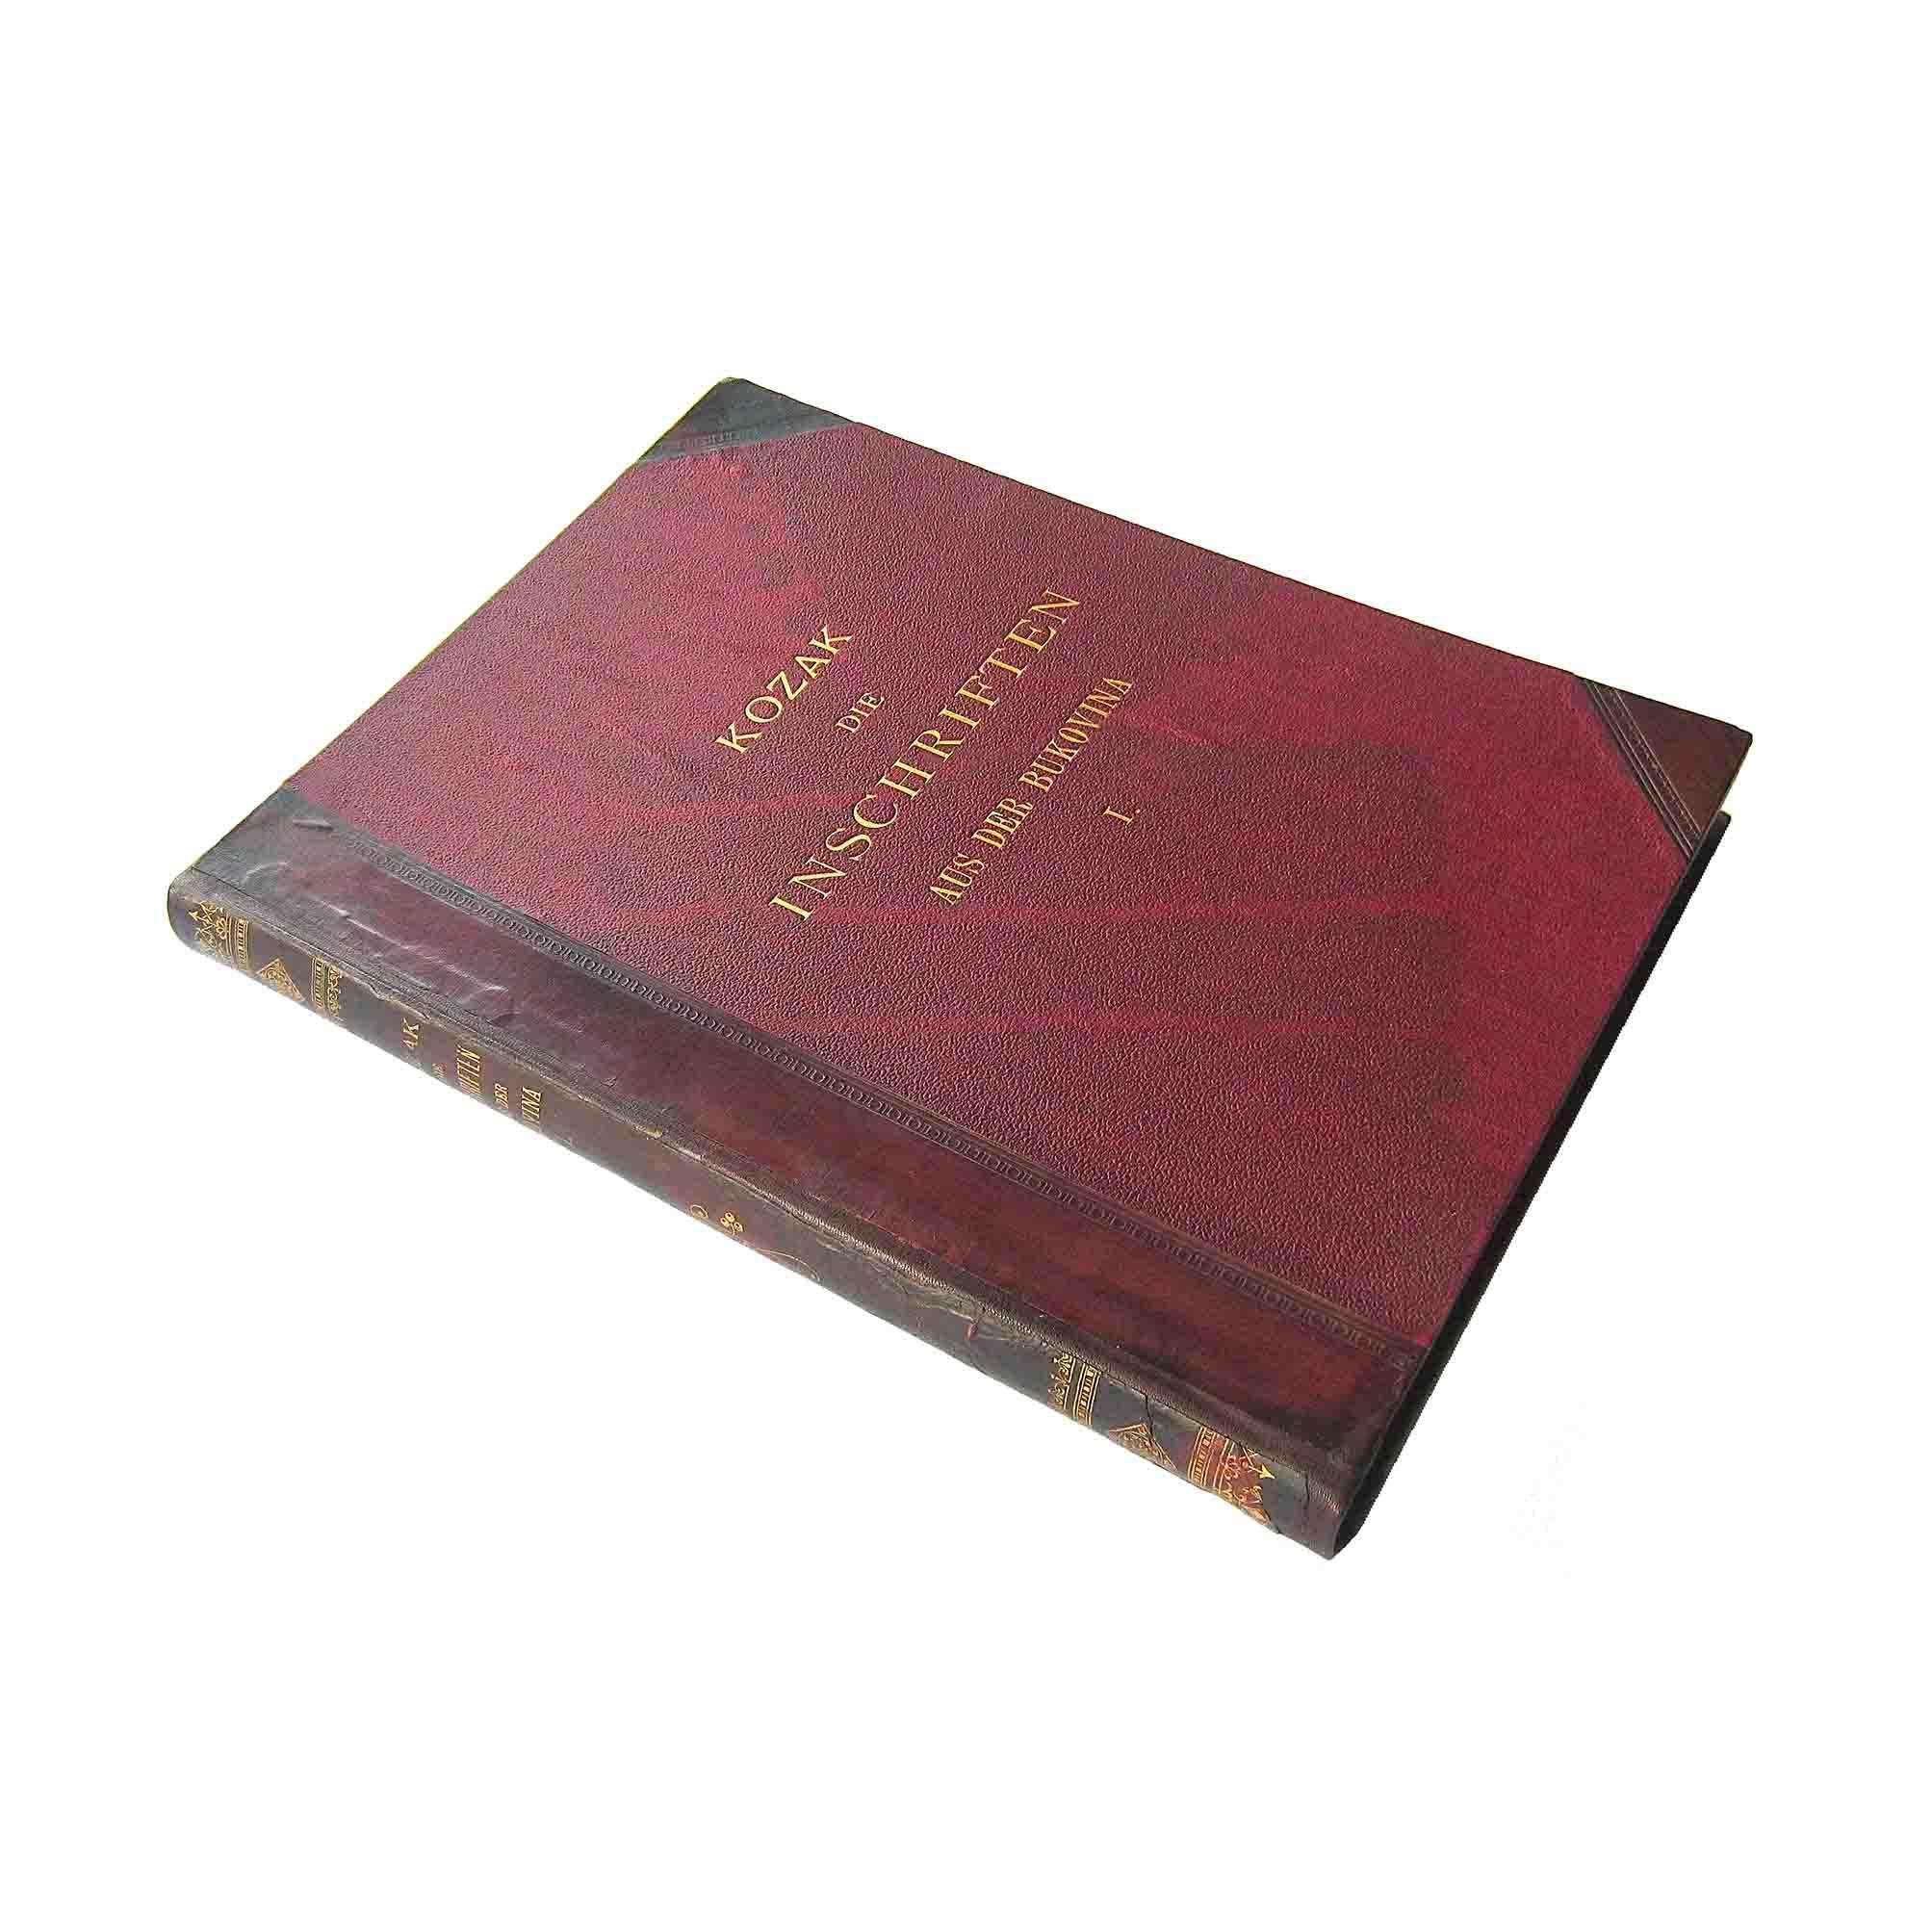 5580 Kozak Inschriften Bukovina 1903 Einband frei N